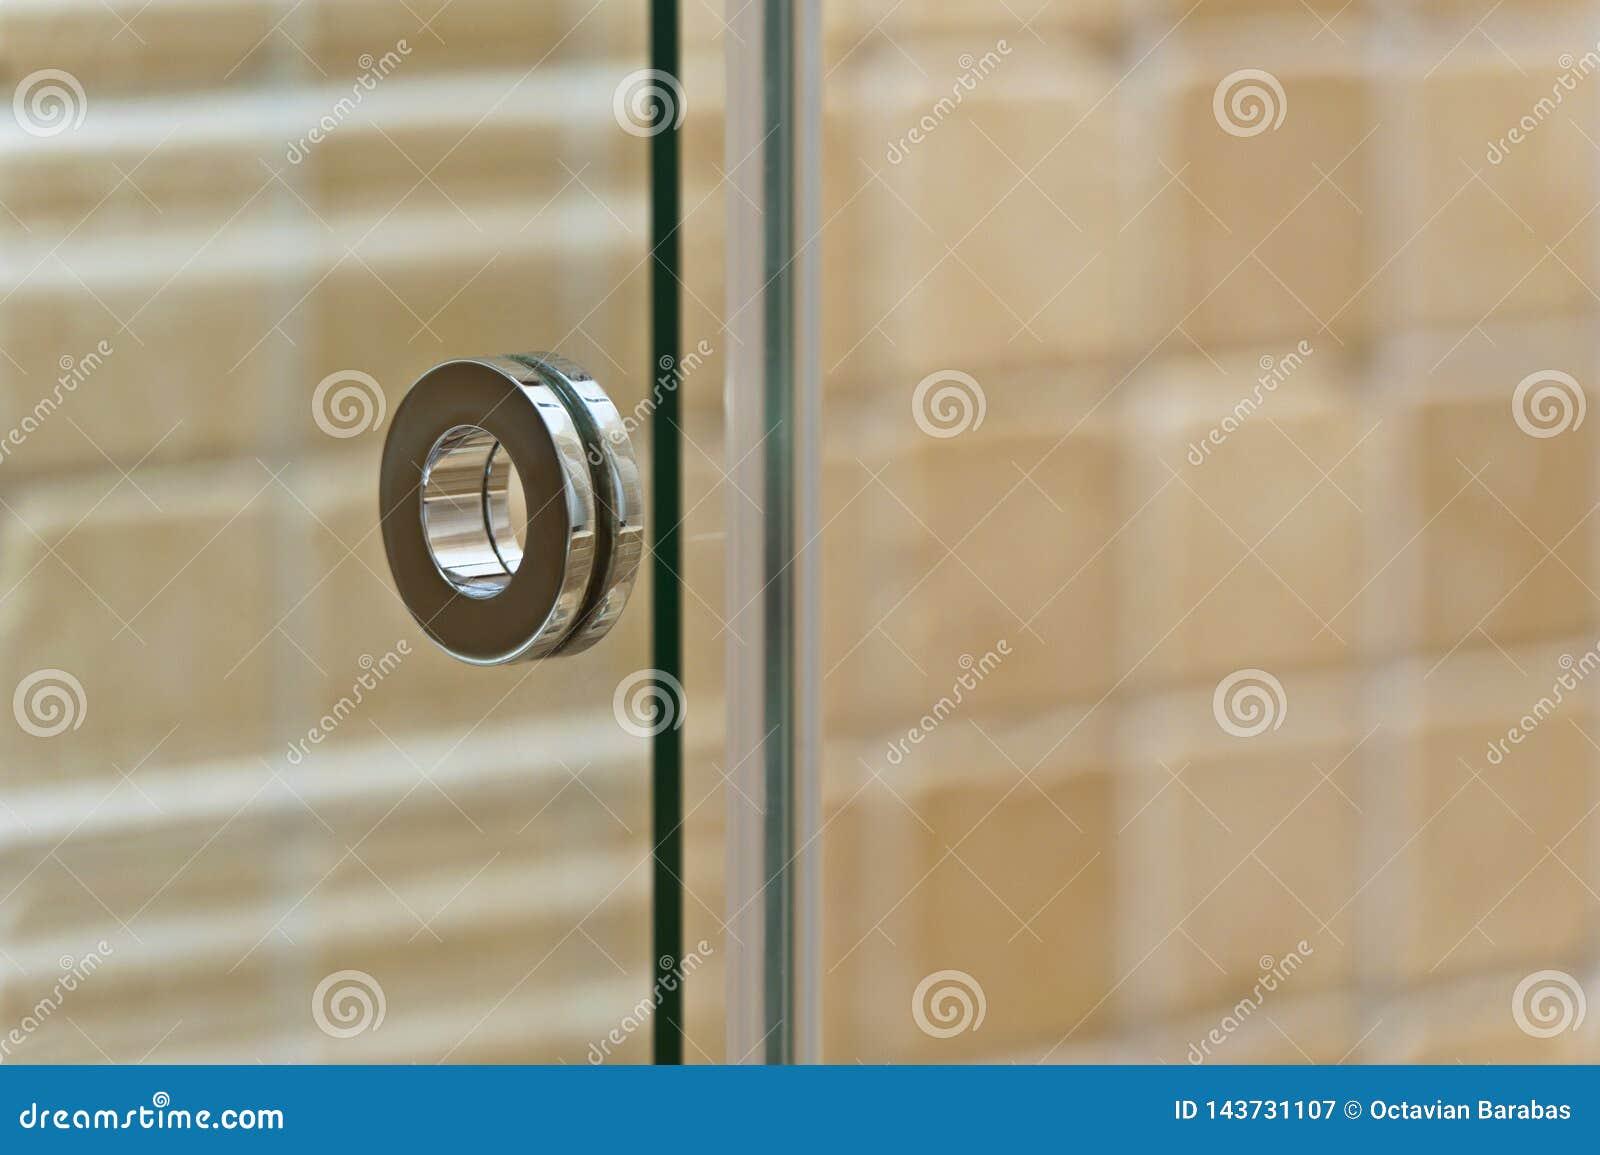 Nowożytna rękojeść na szklanym drzwi w łazience